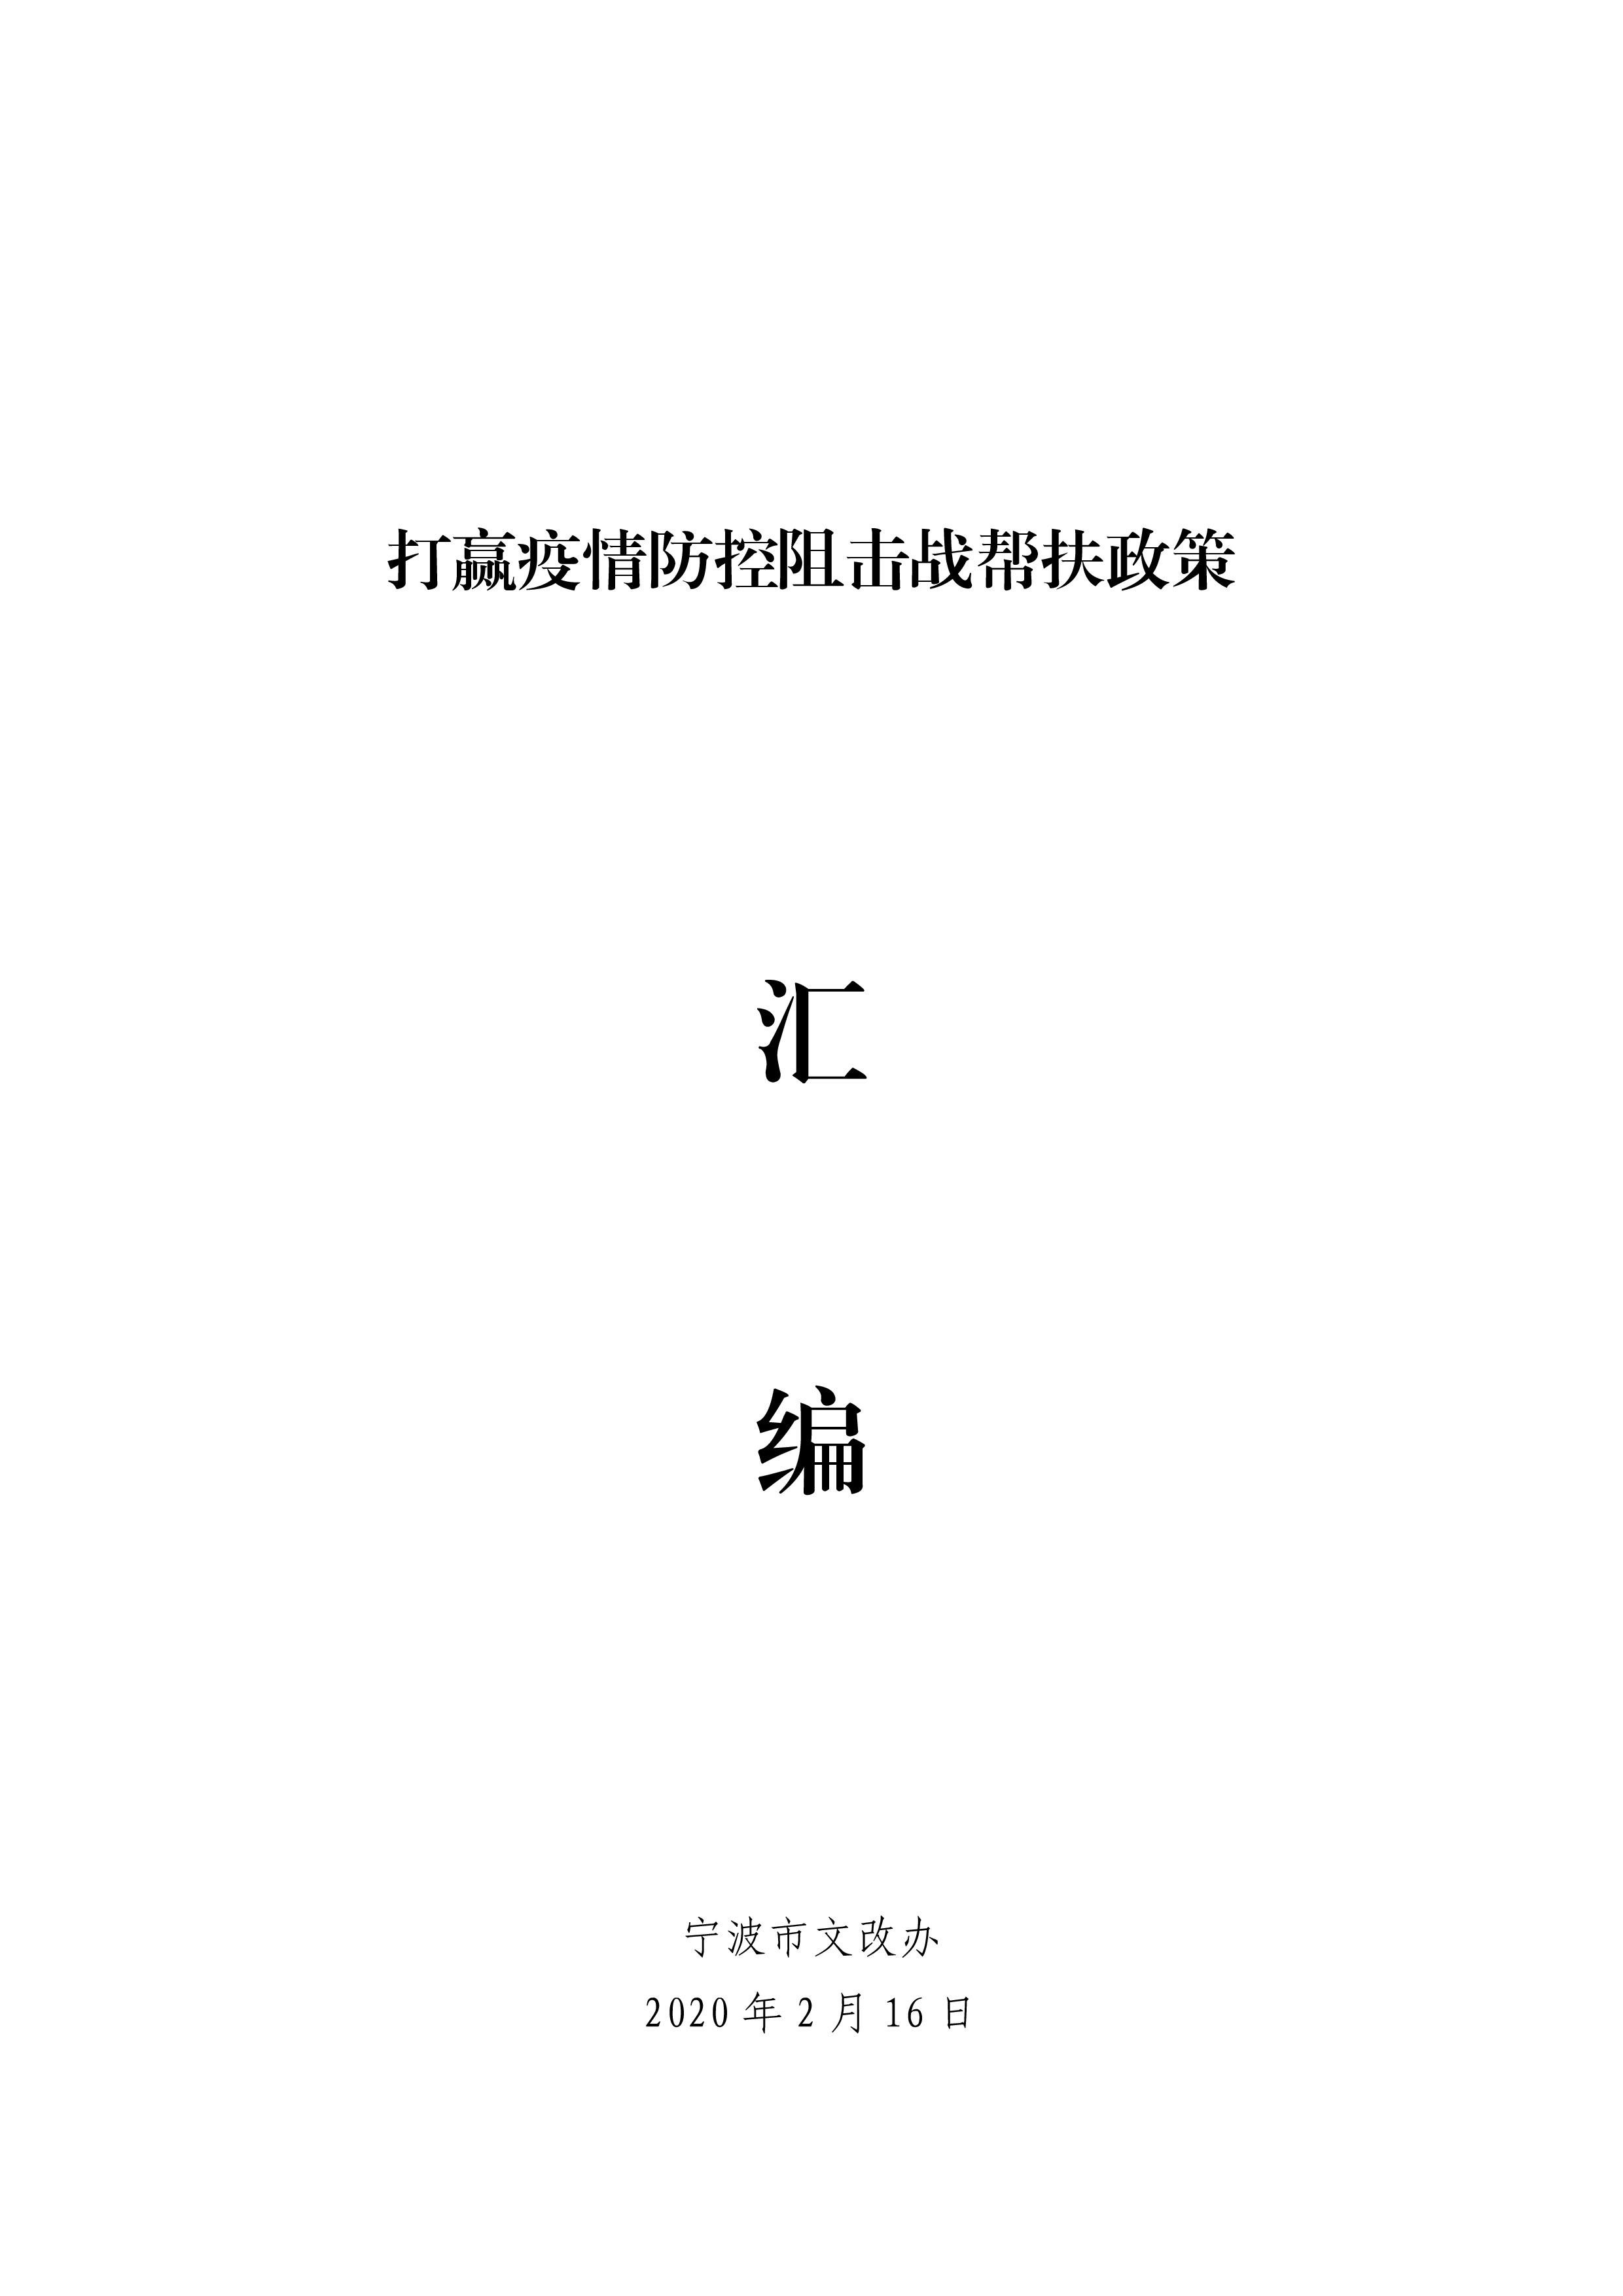 宁波市文改办《打赢疫情防控阻击战帮扶政策汇编》电子书